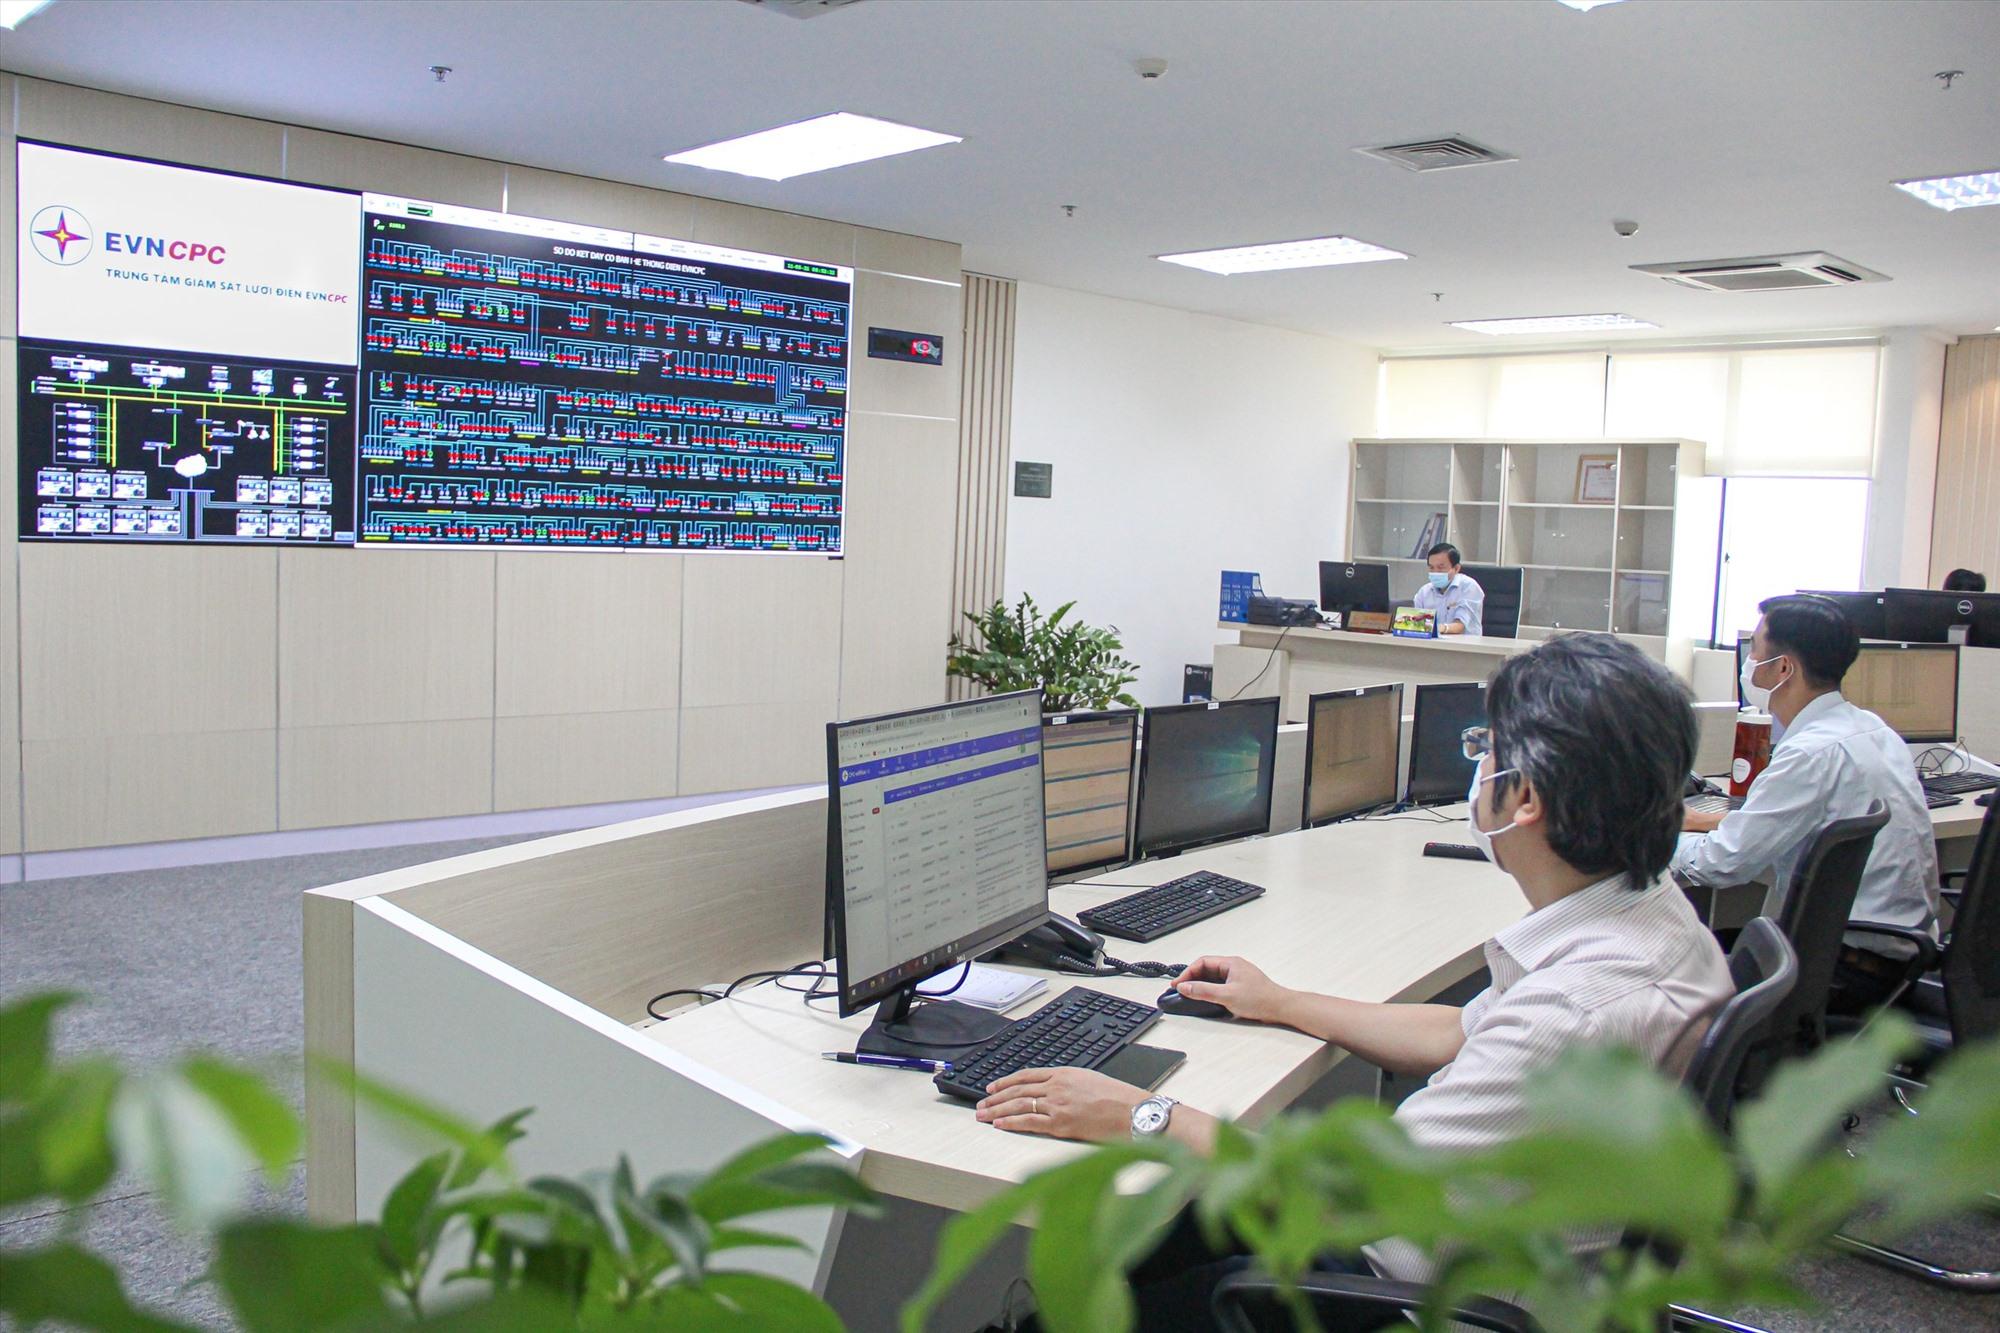 Trung tâm Giám sát lưới điện EVNCPC vận hành trong tình hình dịch bệnh Covid -19.